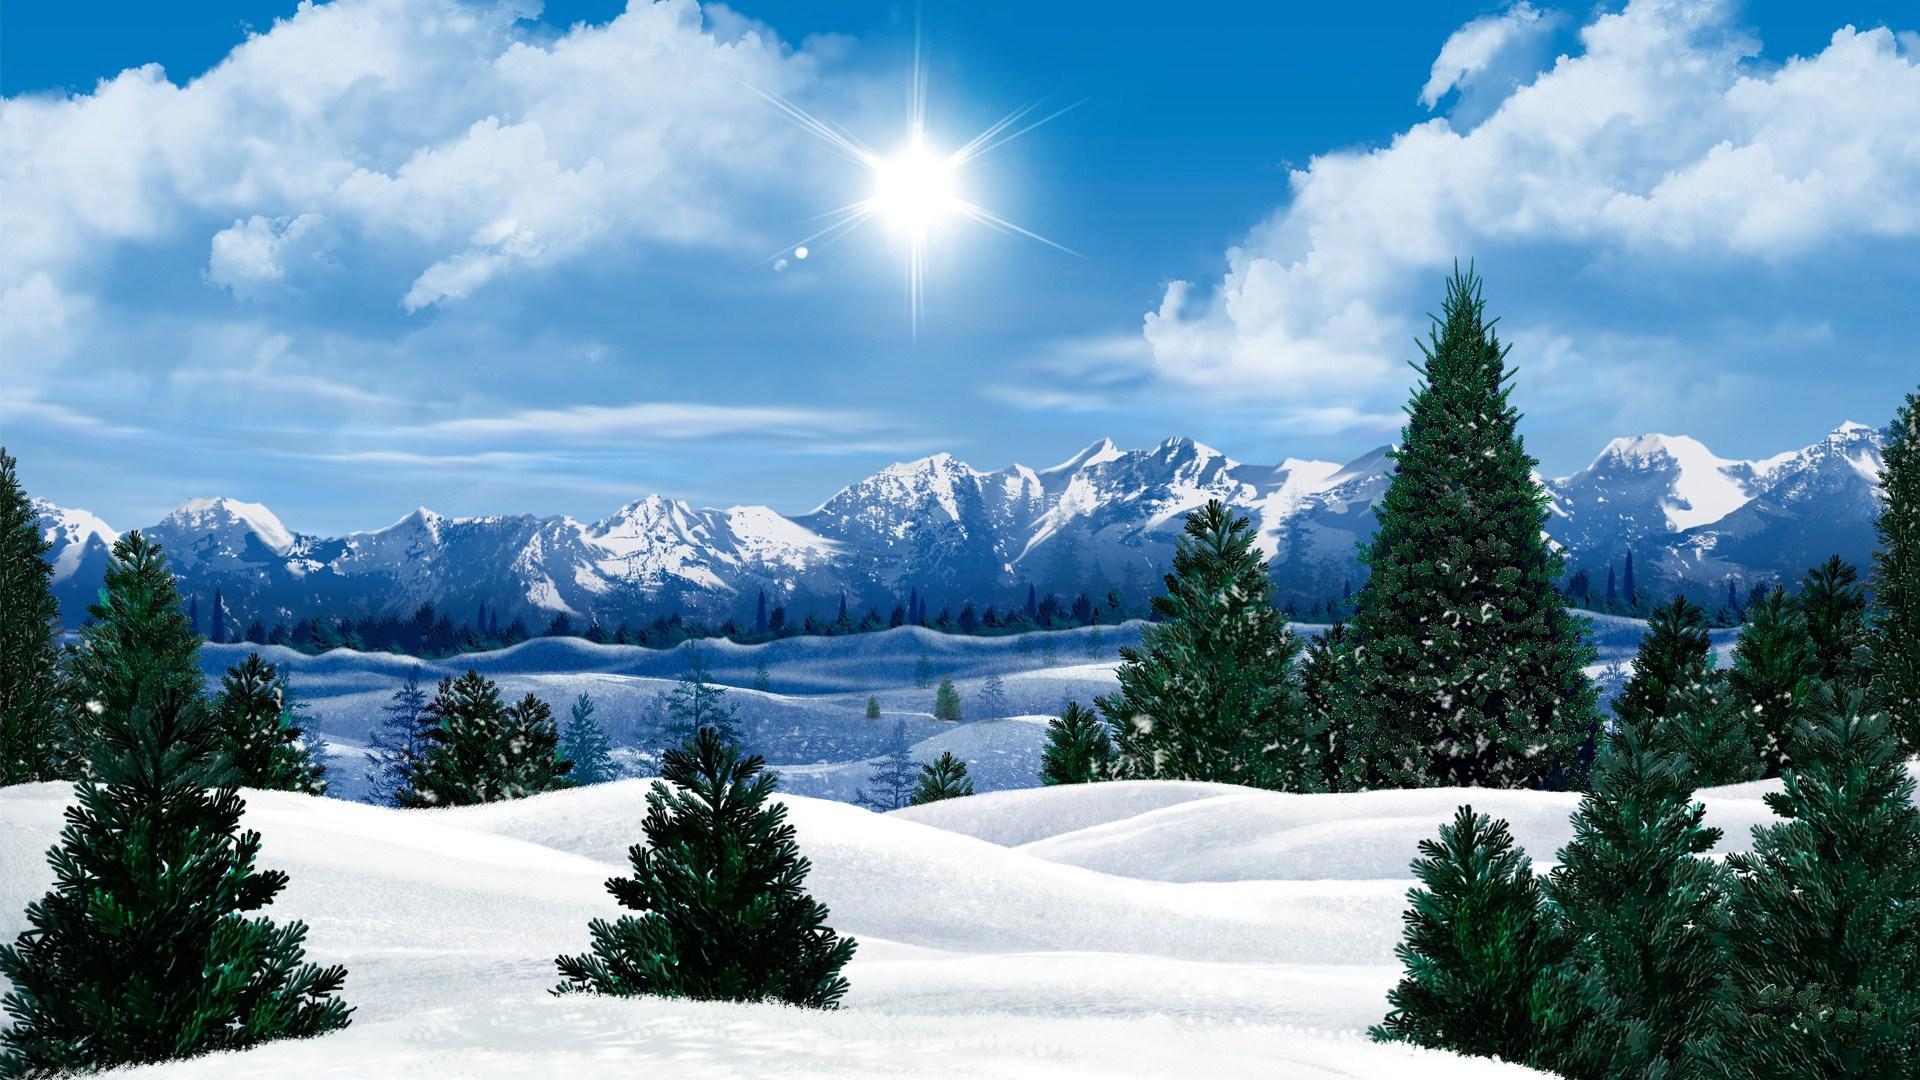 والپیپر فصل زمستان با کیفیت HD